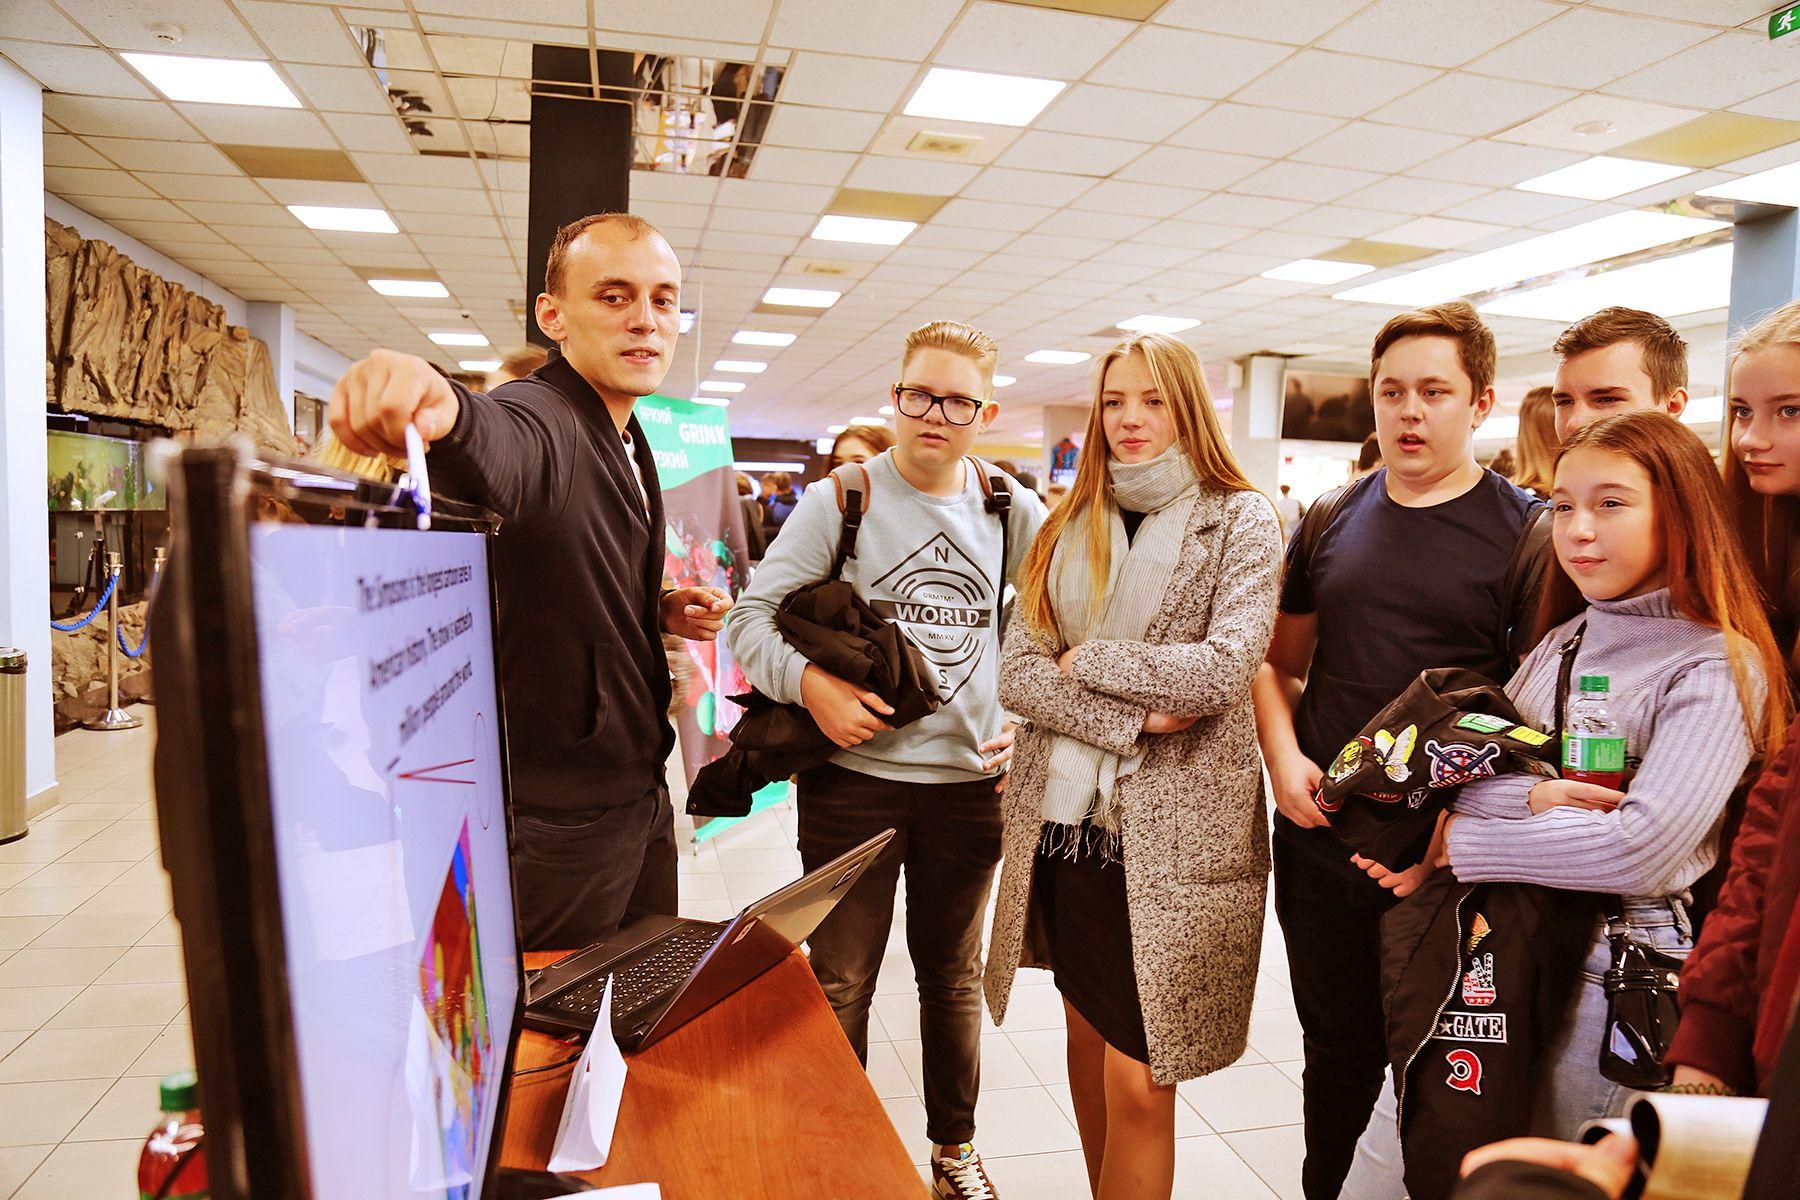 ВГУЭС – главная площадка IX Всероссийского фестиваля науки NAUKA 0+ во Владивостоке